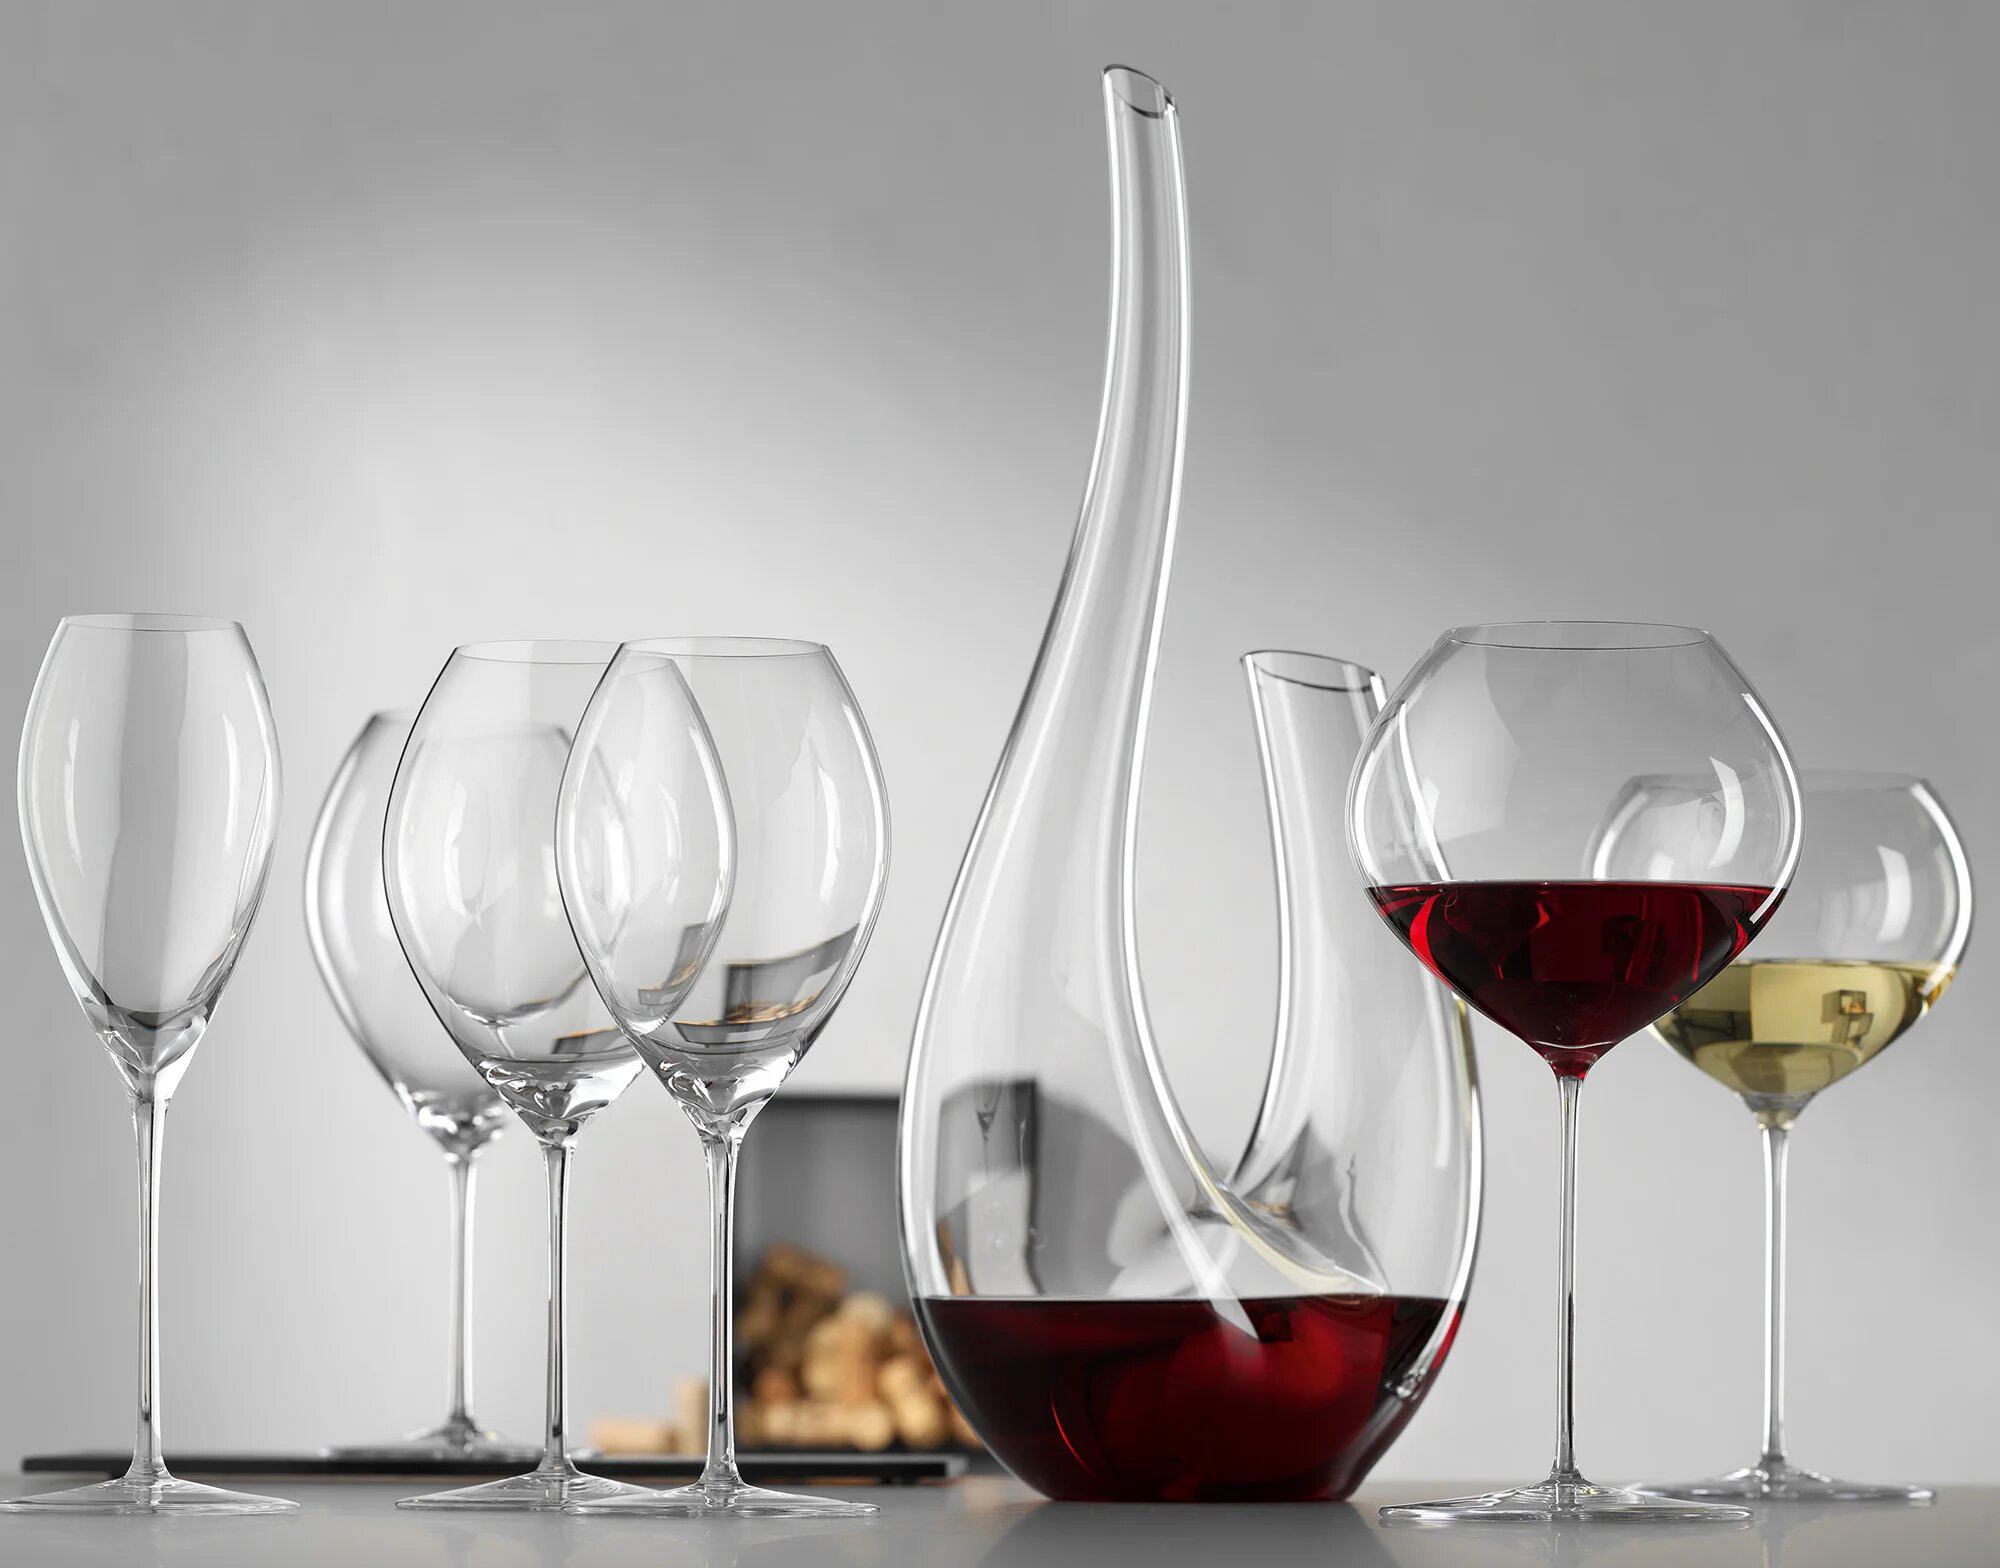 Бокалы Spiegelau с вином